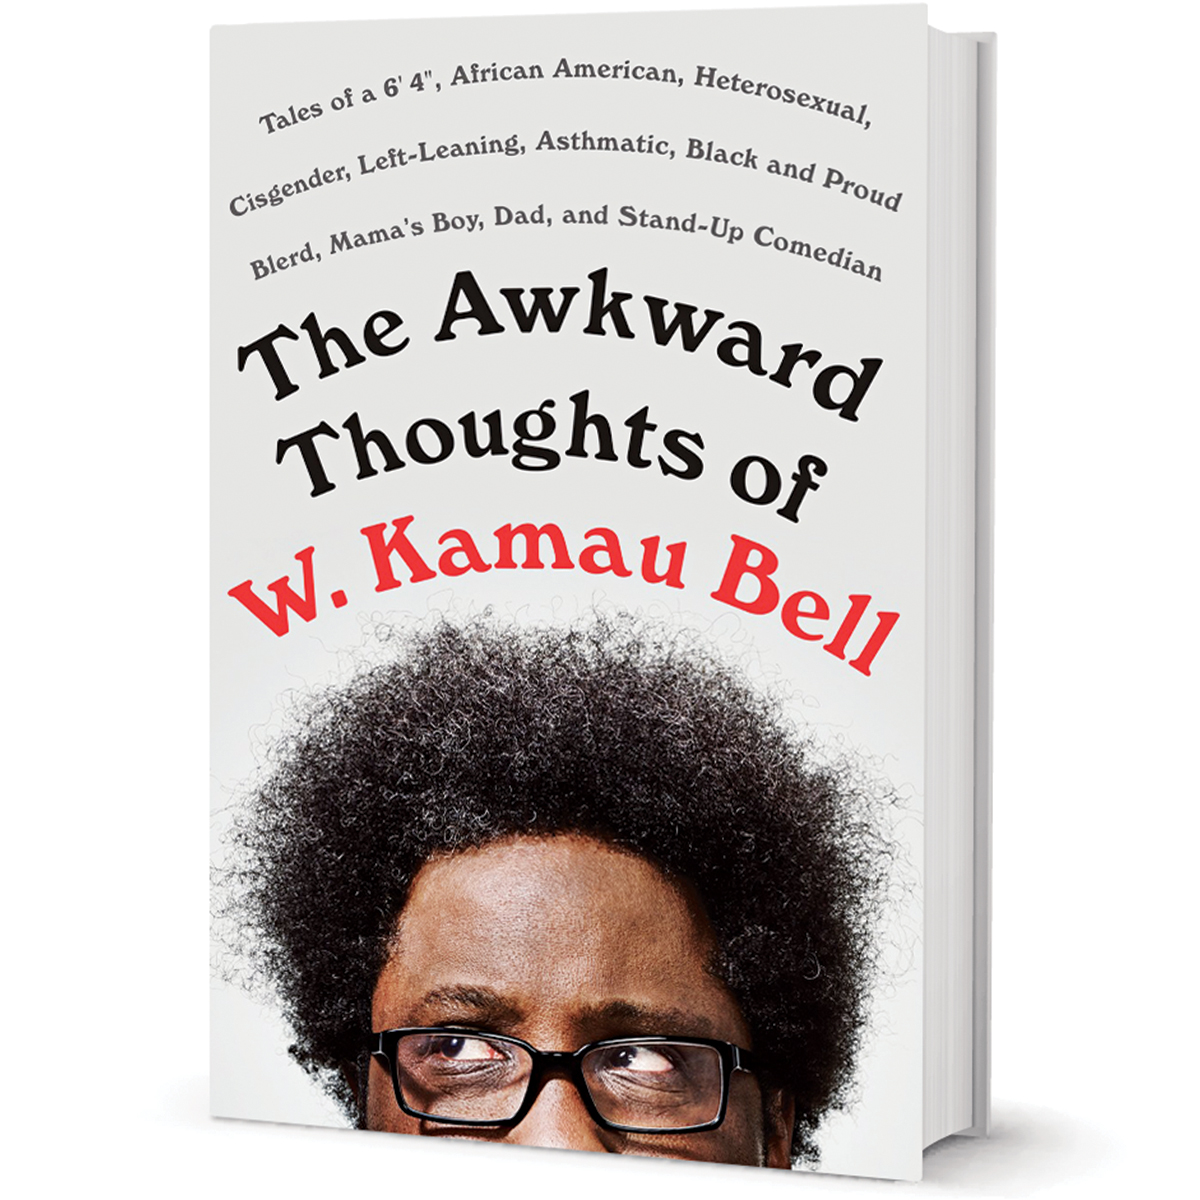 w kamau bell book